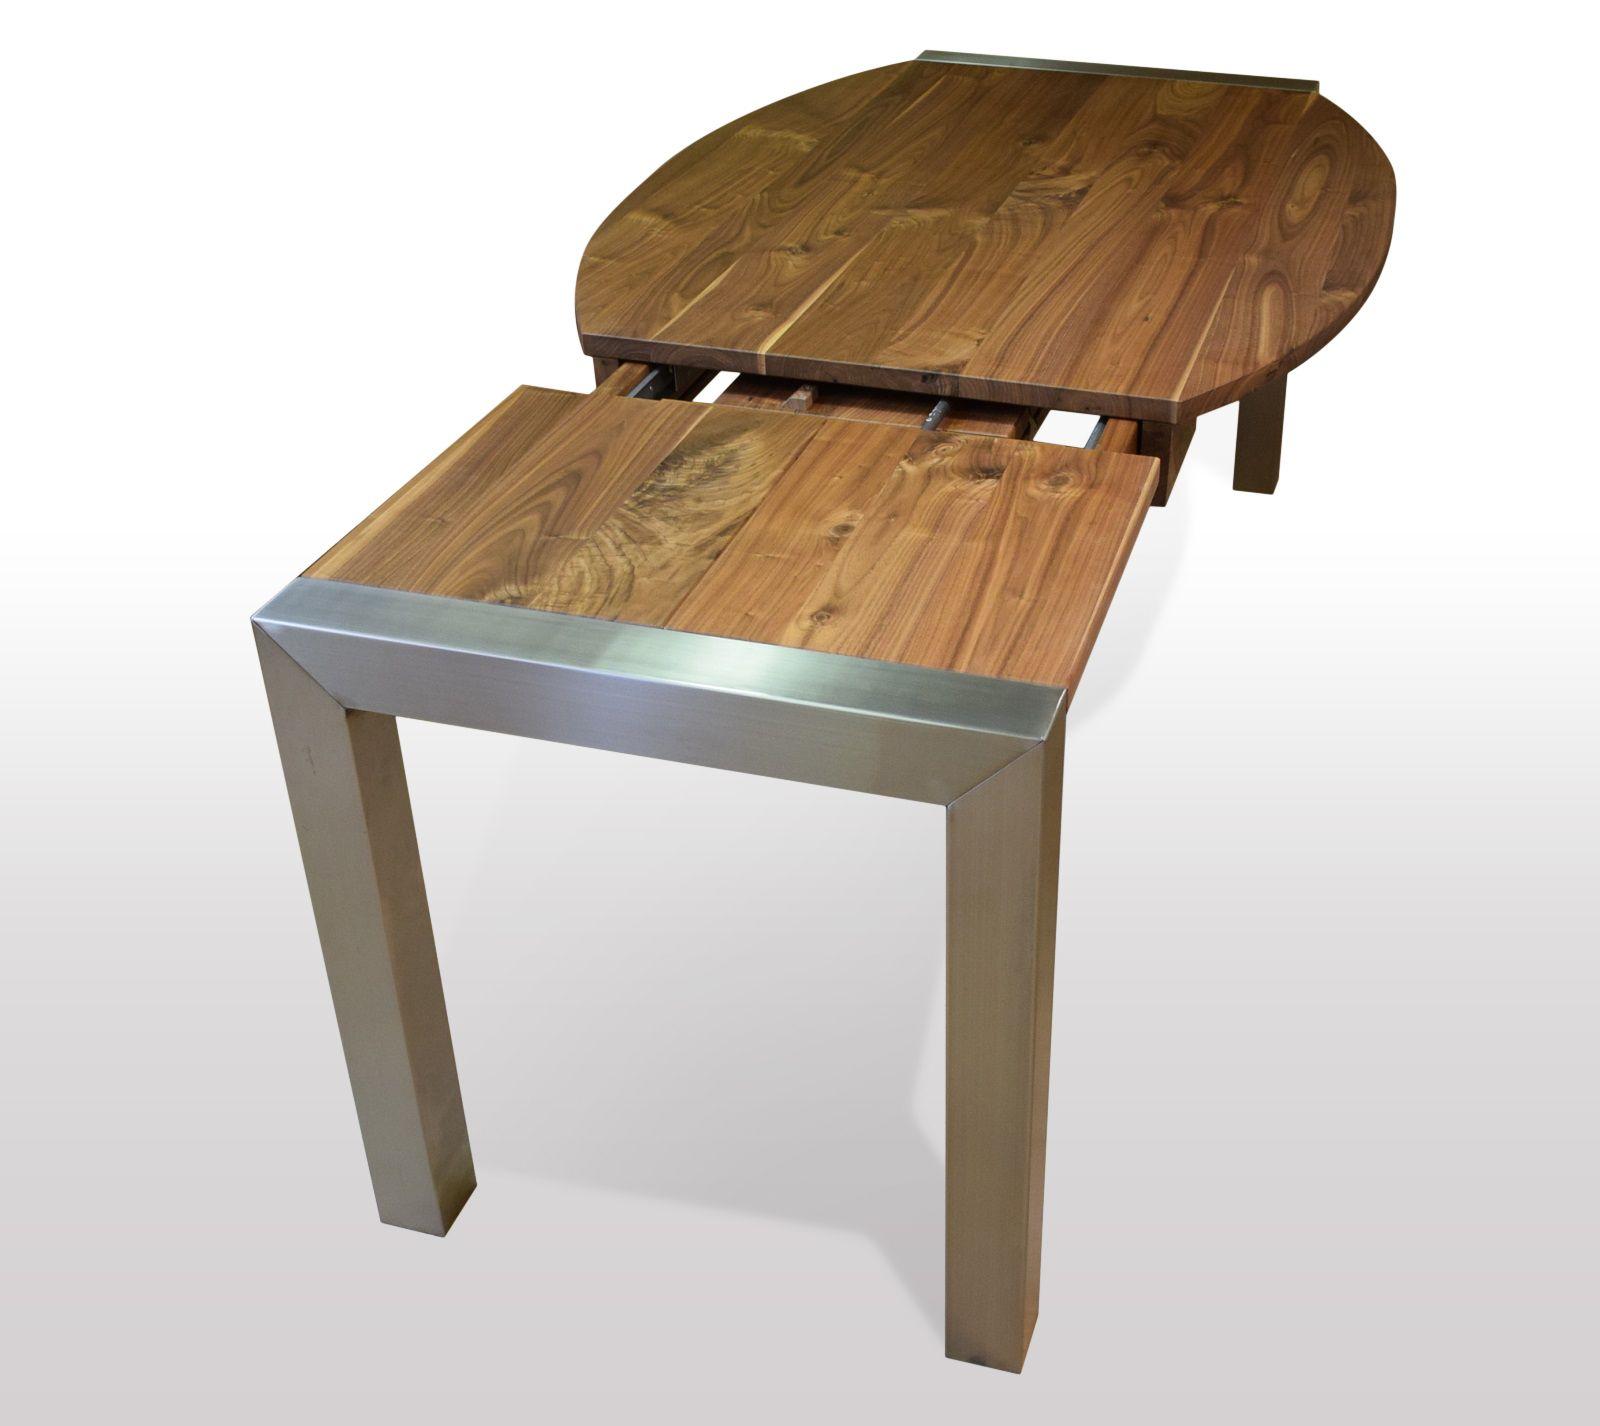 Tisch Nussbaum massiv Breite 80cm / Länge wählbar